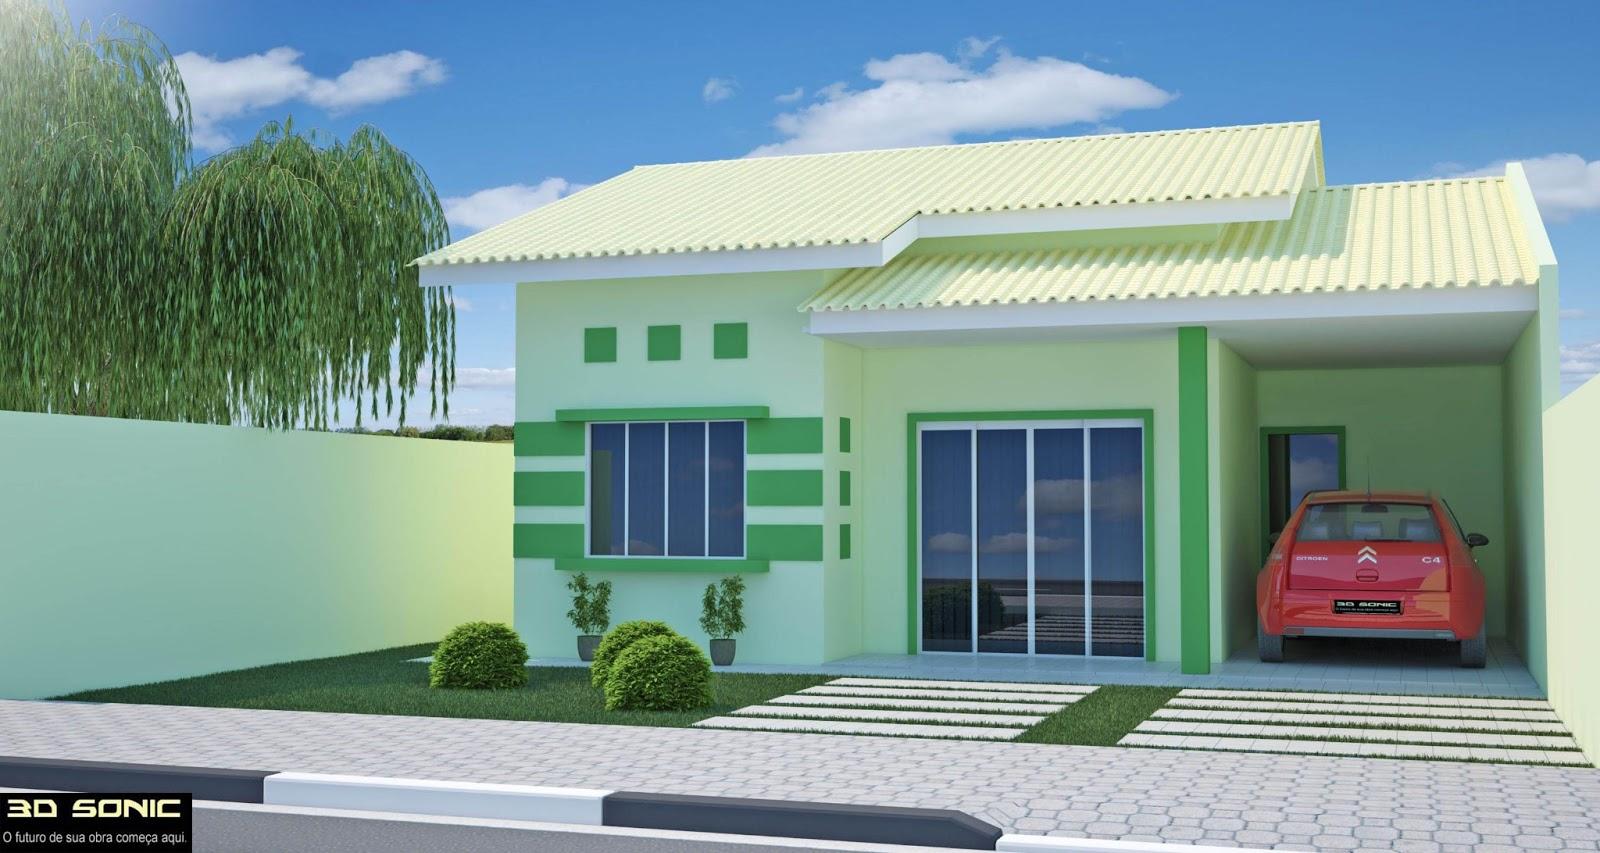 3d sonic maquetes casa de 70m2 planta baixa e 3d feito for Modelo de casa pequena para construir